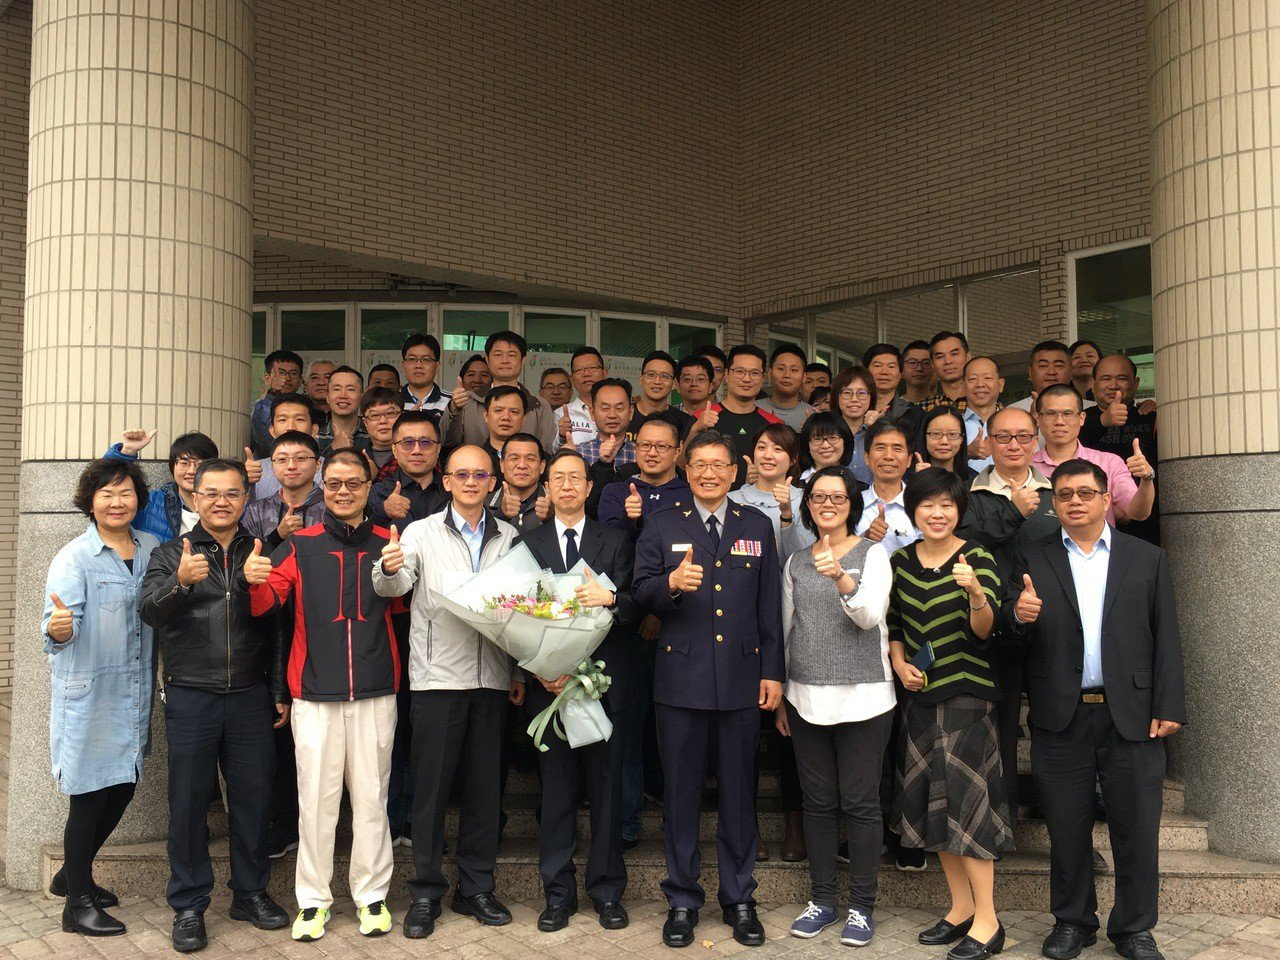 警界「長跑勇腳」陳仁輝(拿花束者)昨屆齡退休,允諾每年參加一場國際馬拉松賽事,讓...